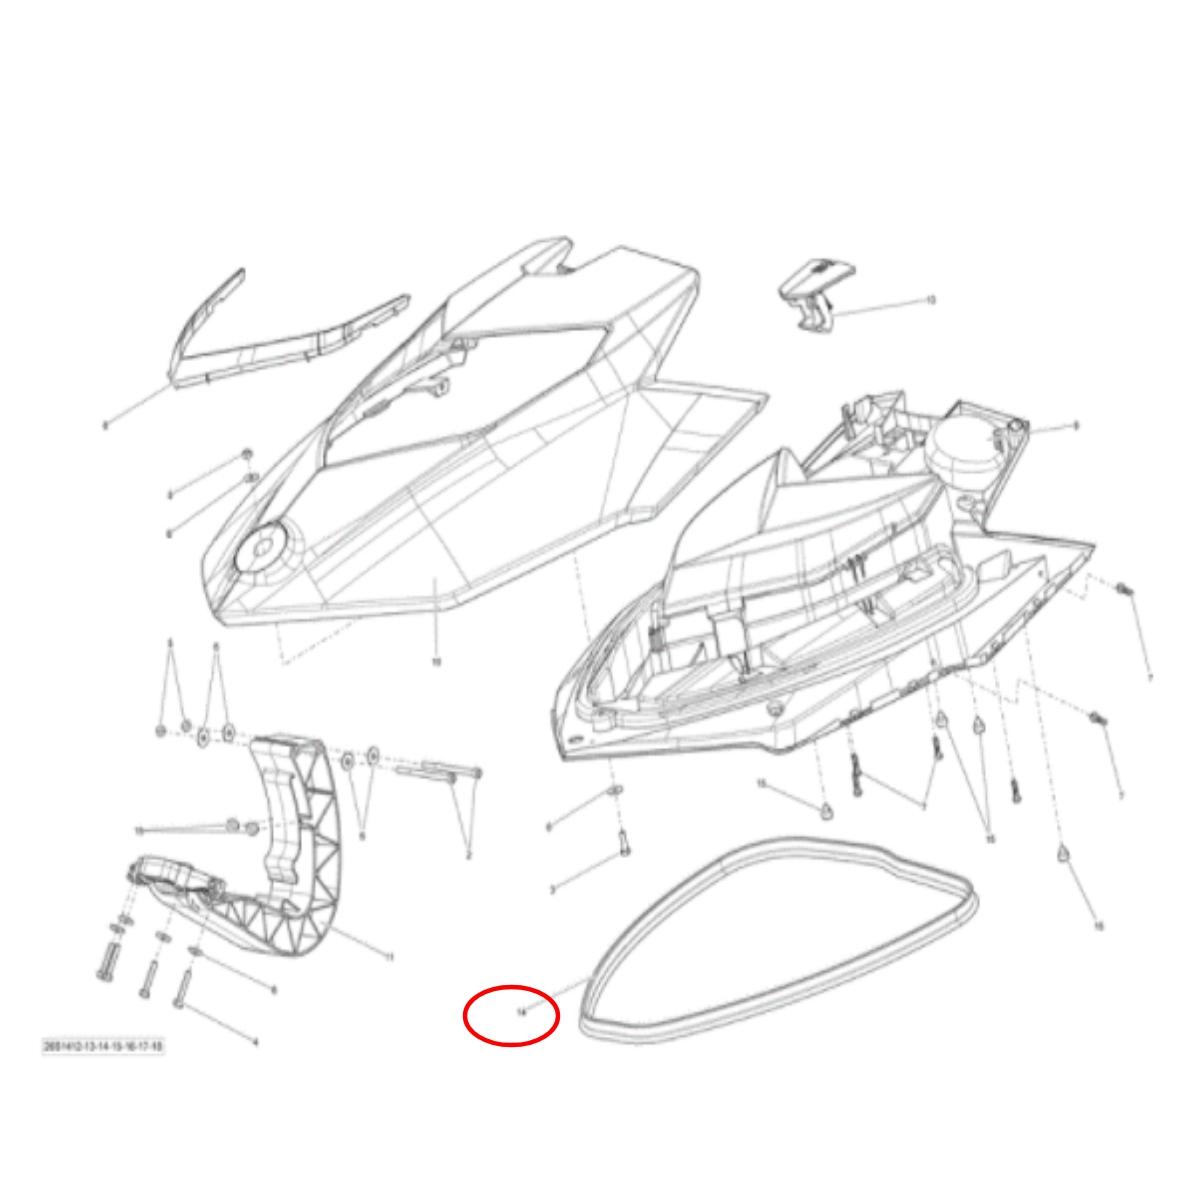 Borracha de Vedação da Tampa frontal Sea Doo 4 TEC( venda por metro, favor medir sua tampa)  - Radical Peças - Peças para Jet Ski